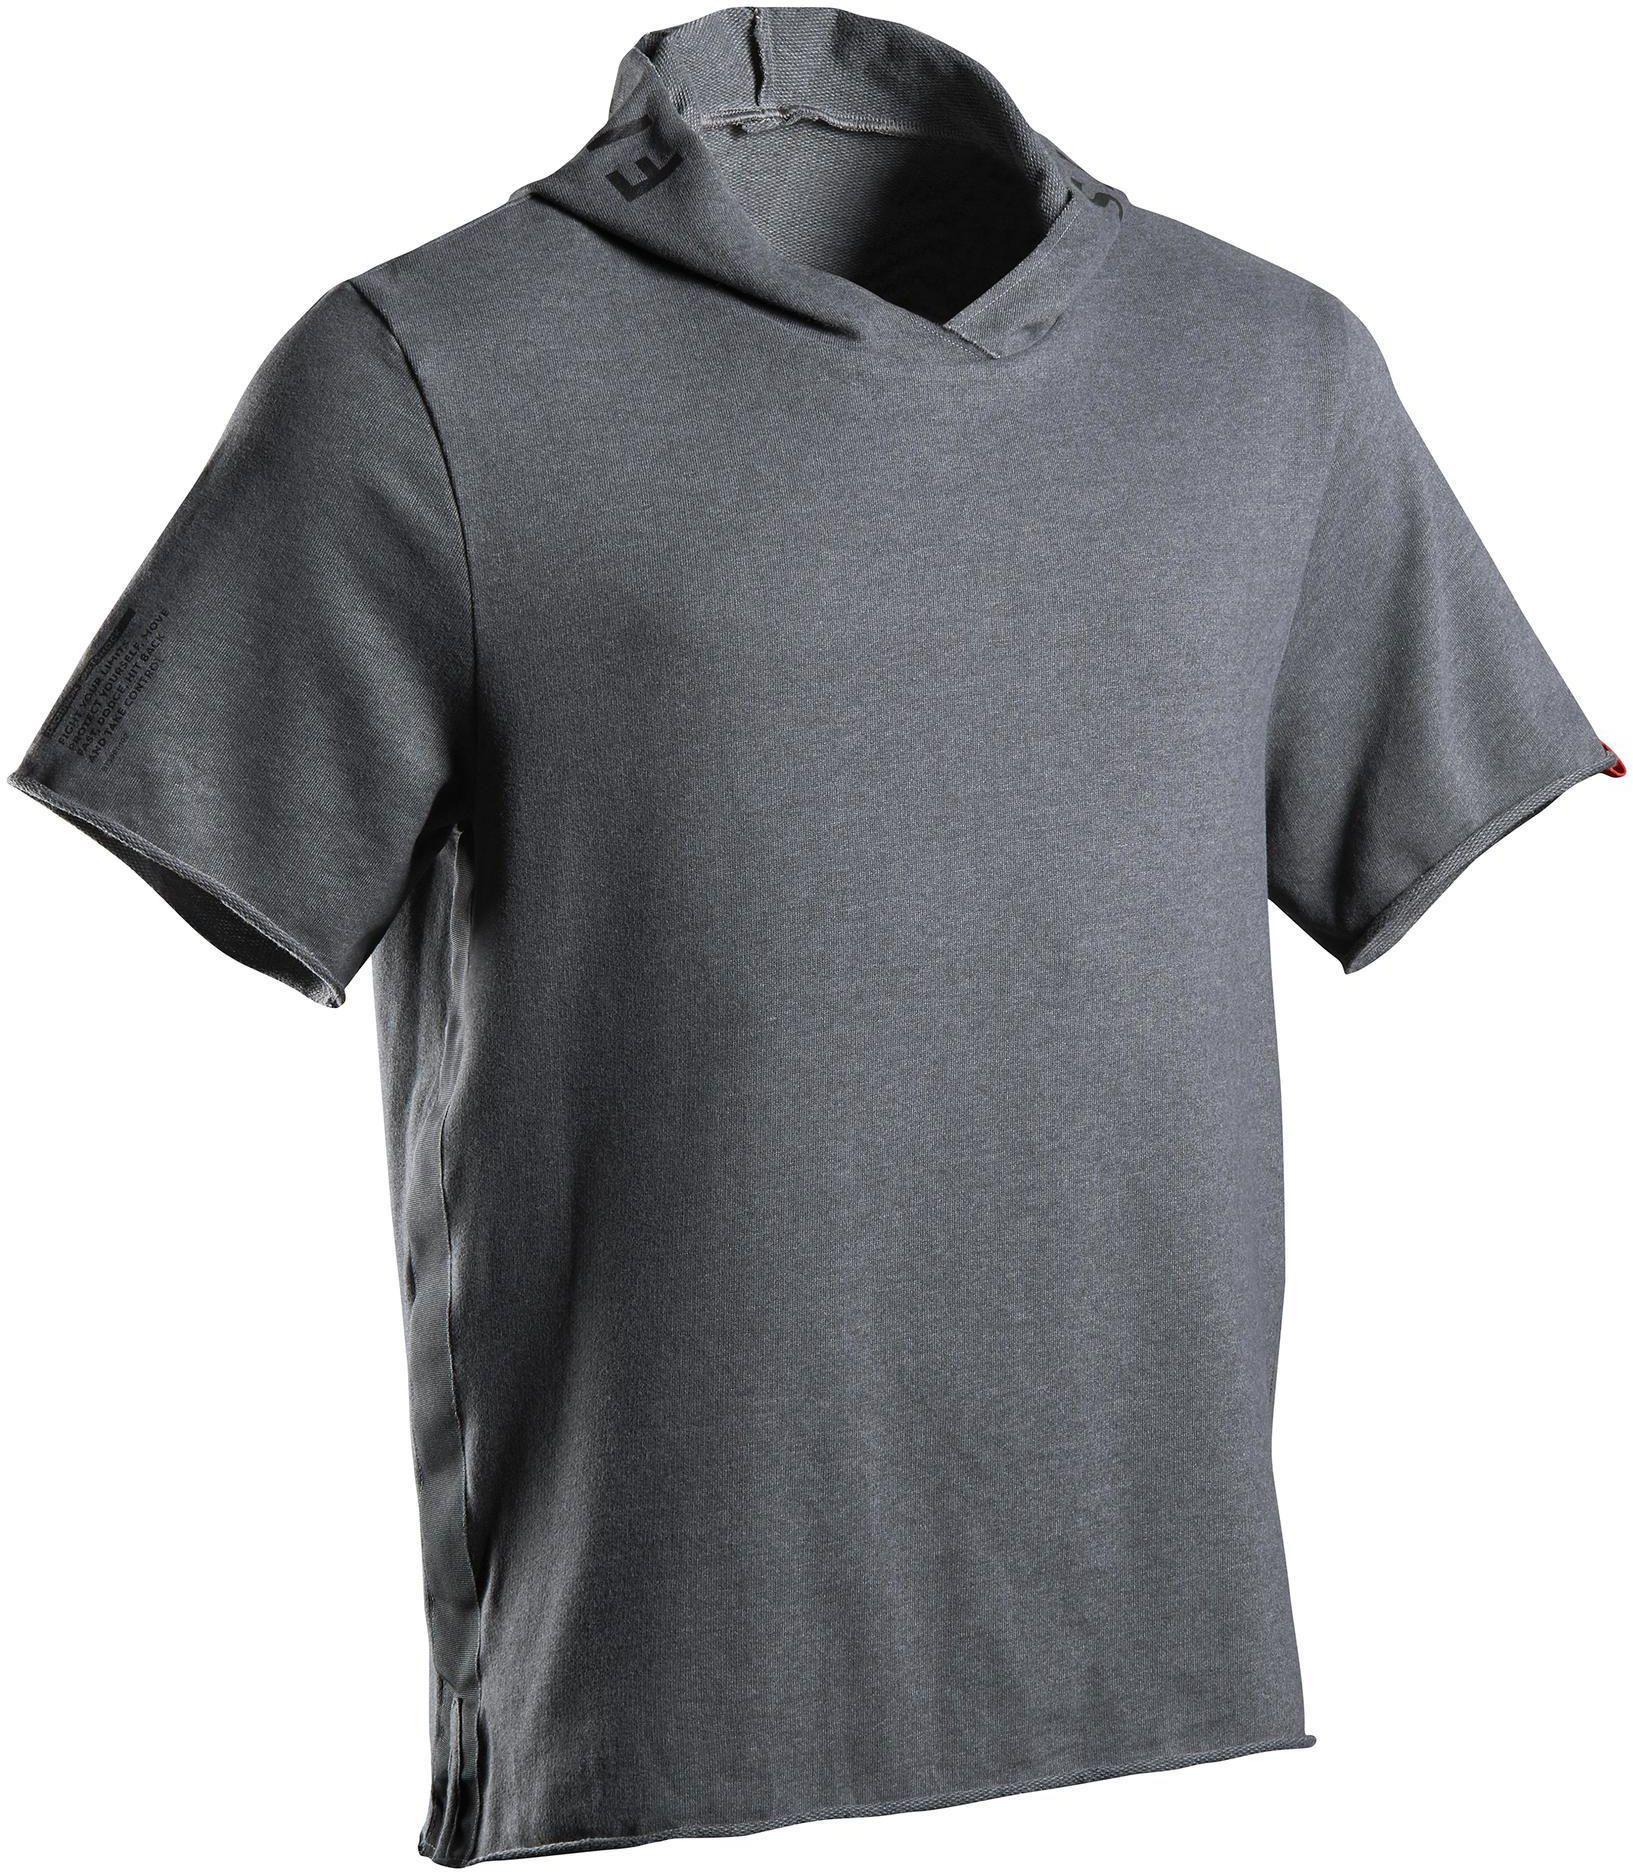 Koszulka z kapturem bokserska 100